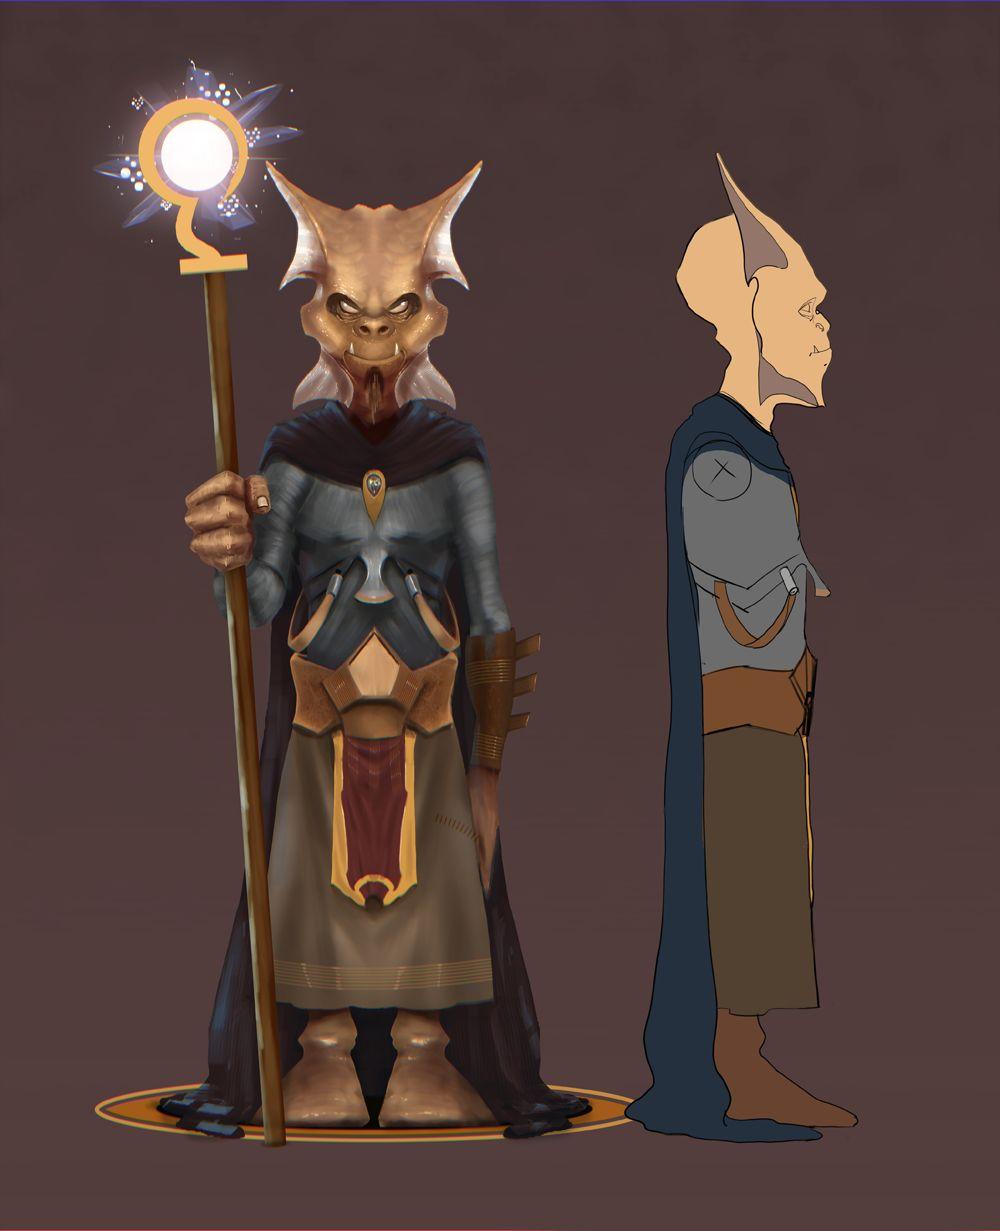 Нужен скетч персонажа для игры - дизайнер RafaelArtist